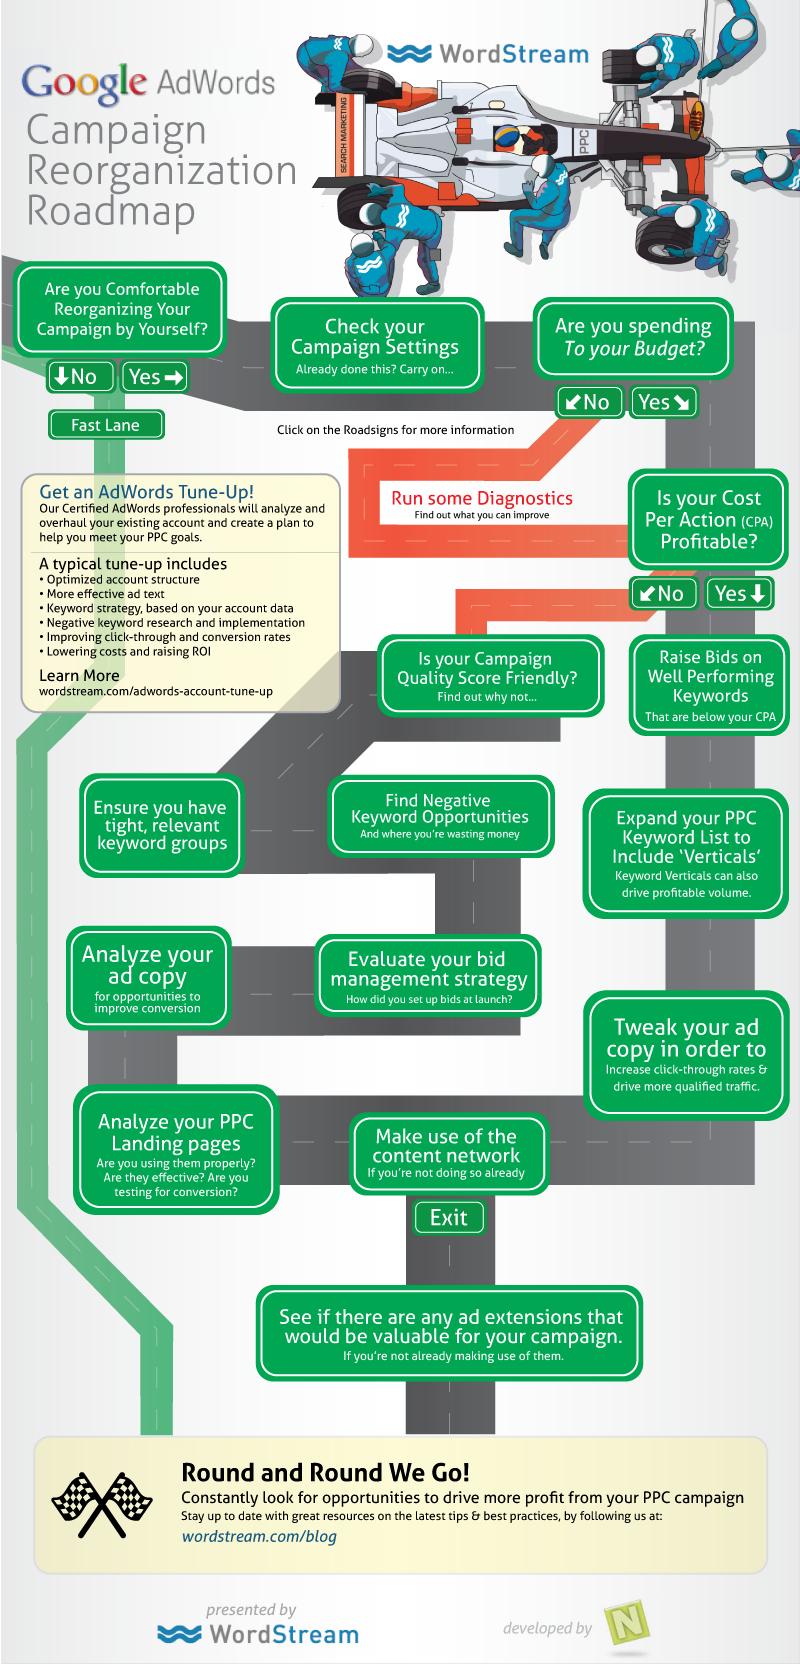 AdWords Campaign Reorganization Roadmap